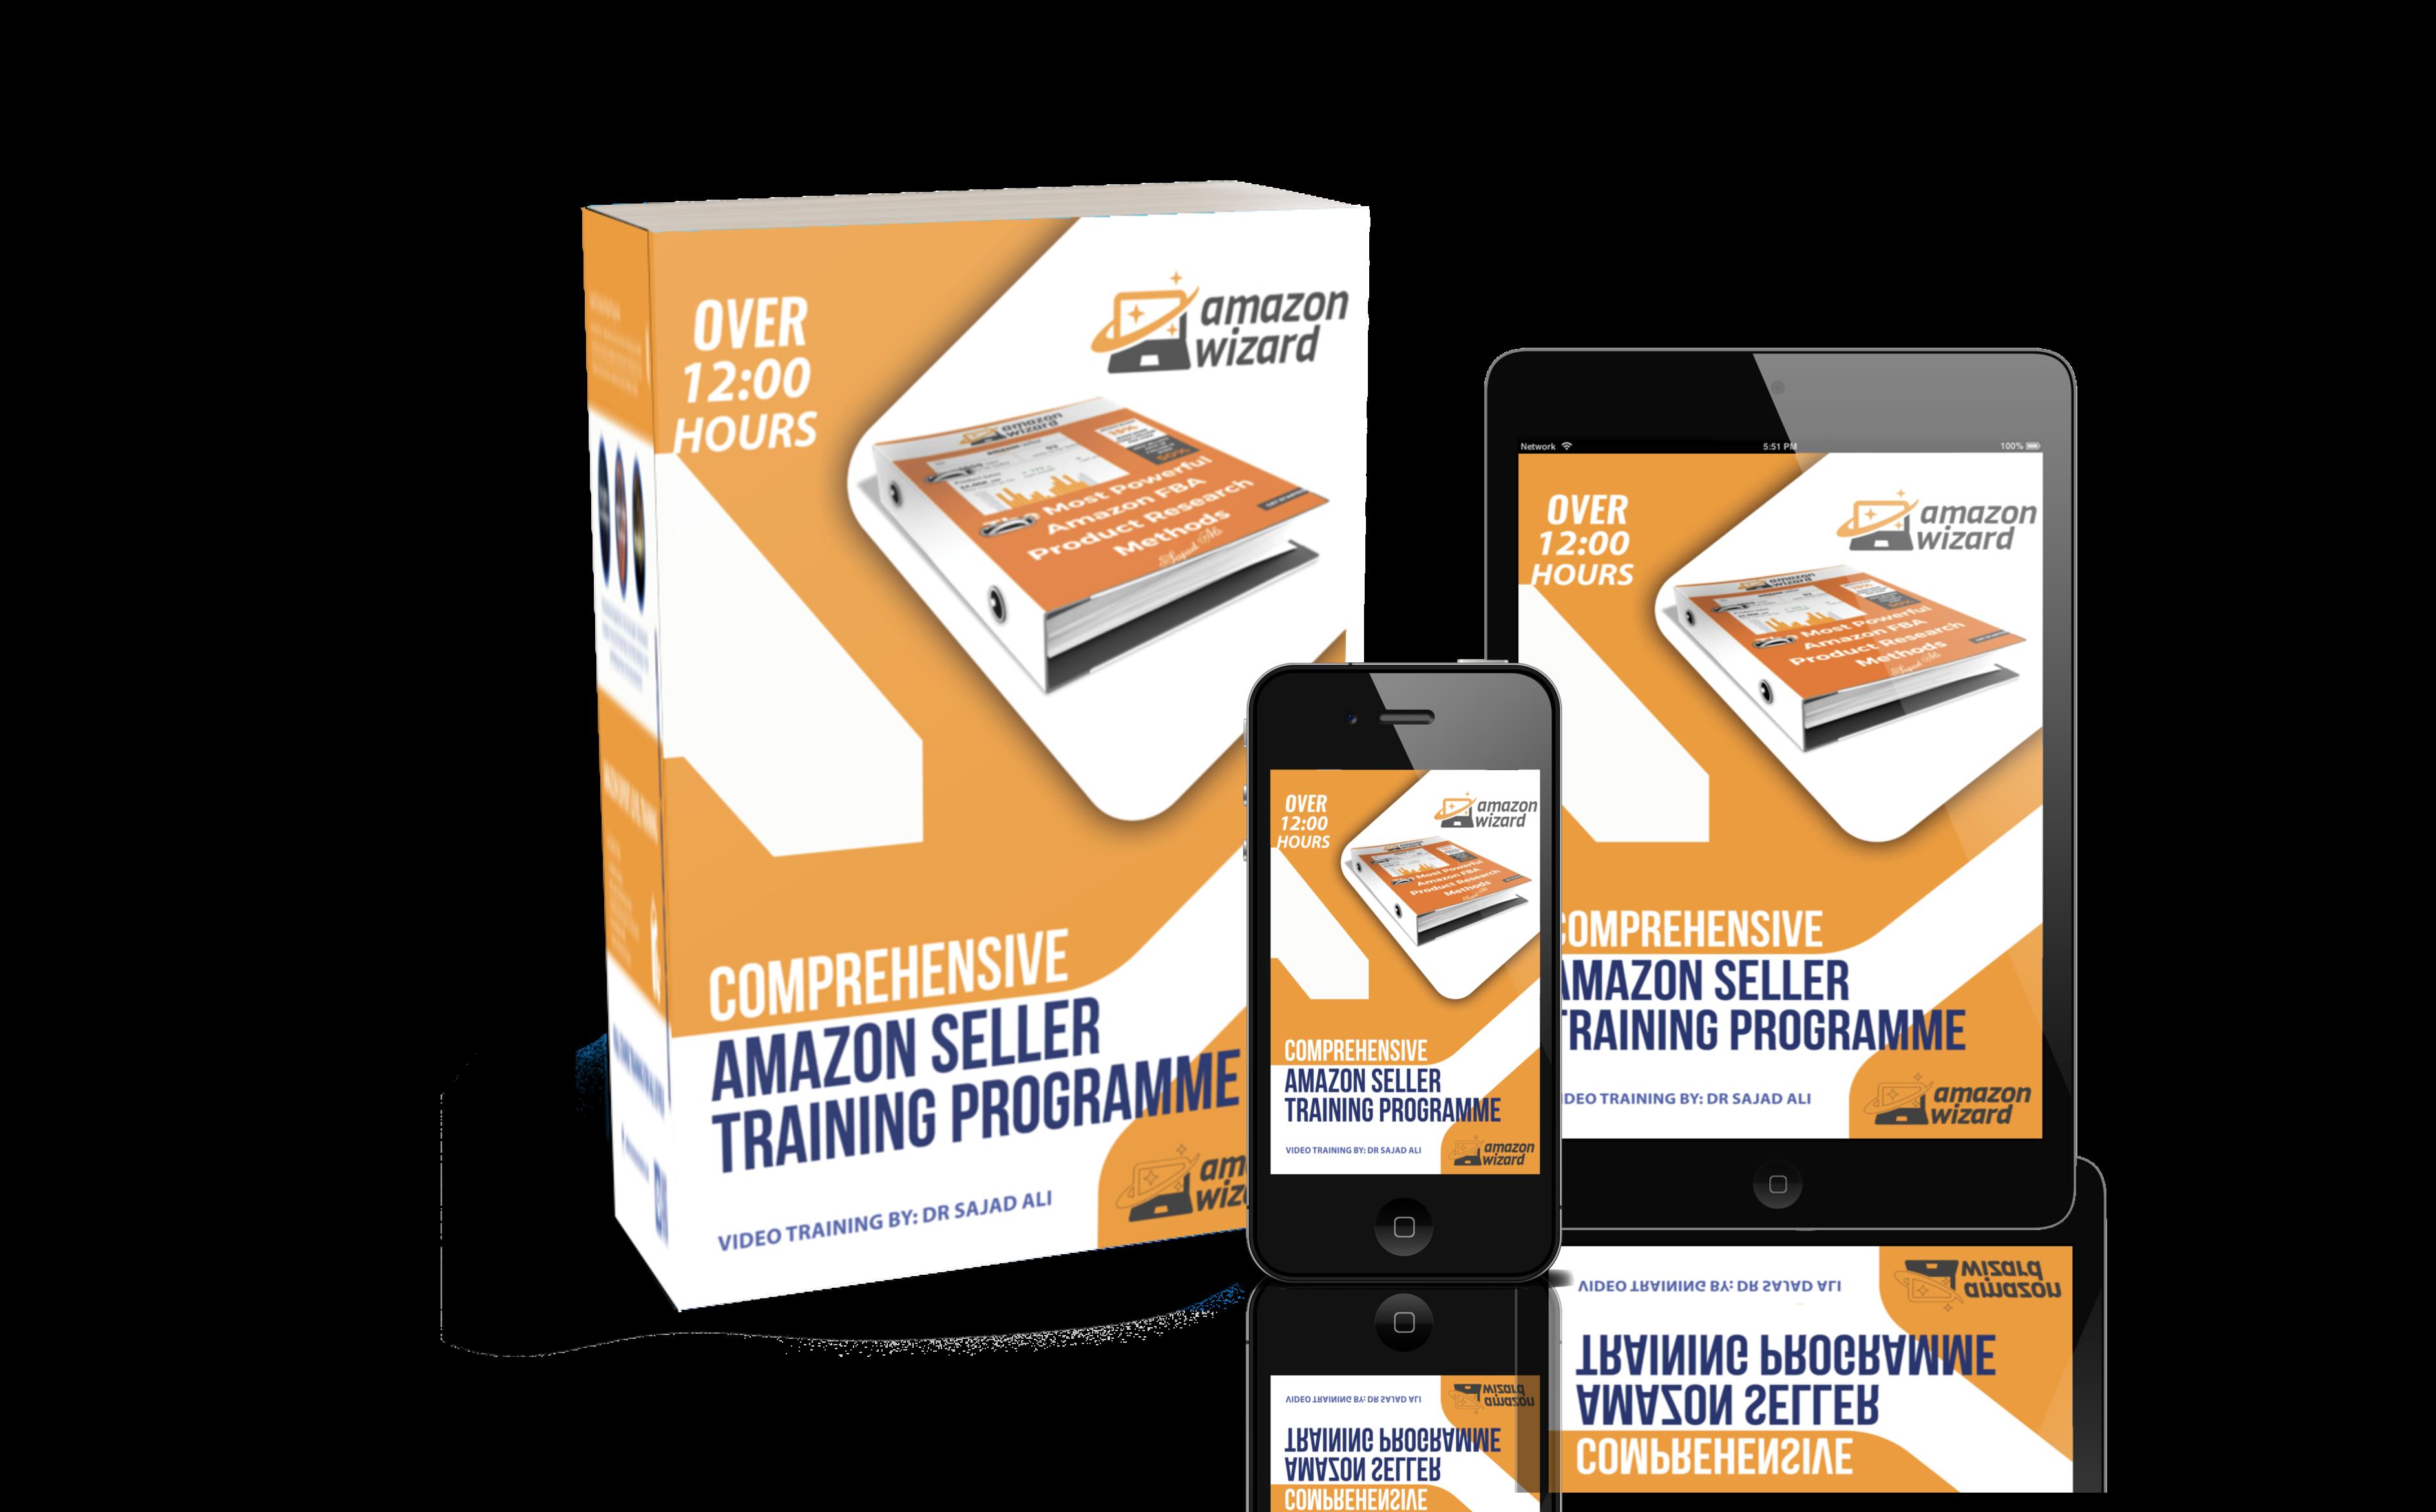 Amazon Wizard Fba Seller Training Course Uk Worldwide Amazon